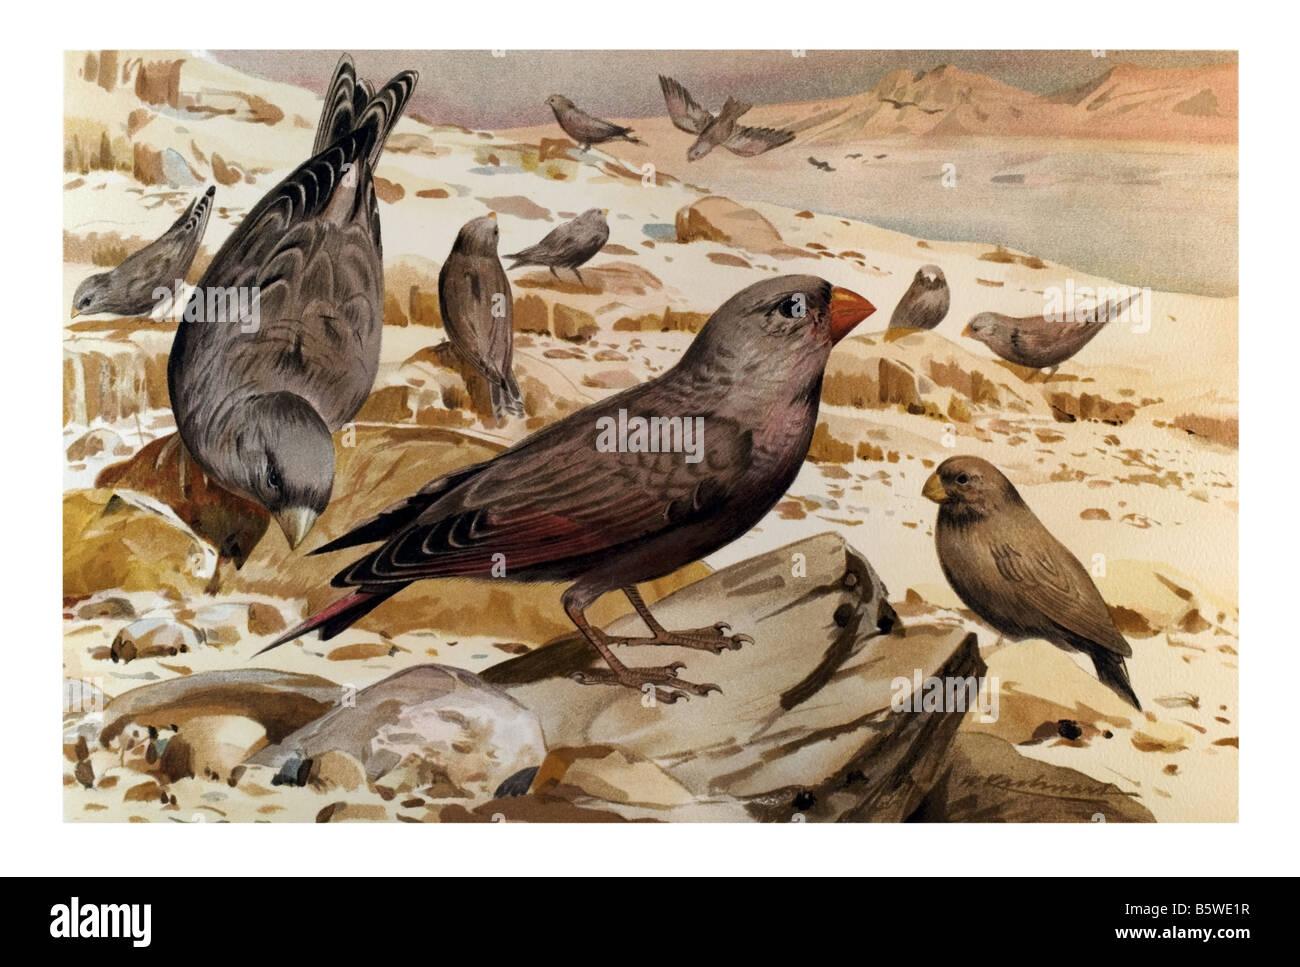 Rhodopechys githaginea, Finches Order Passeriformes Suborder Passeri Family Fringillidae - Stock Image